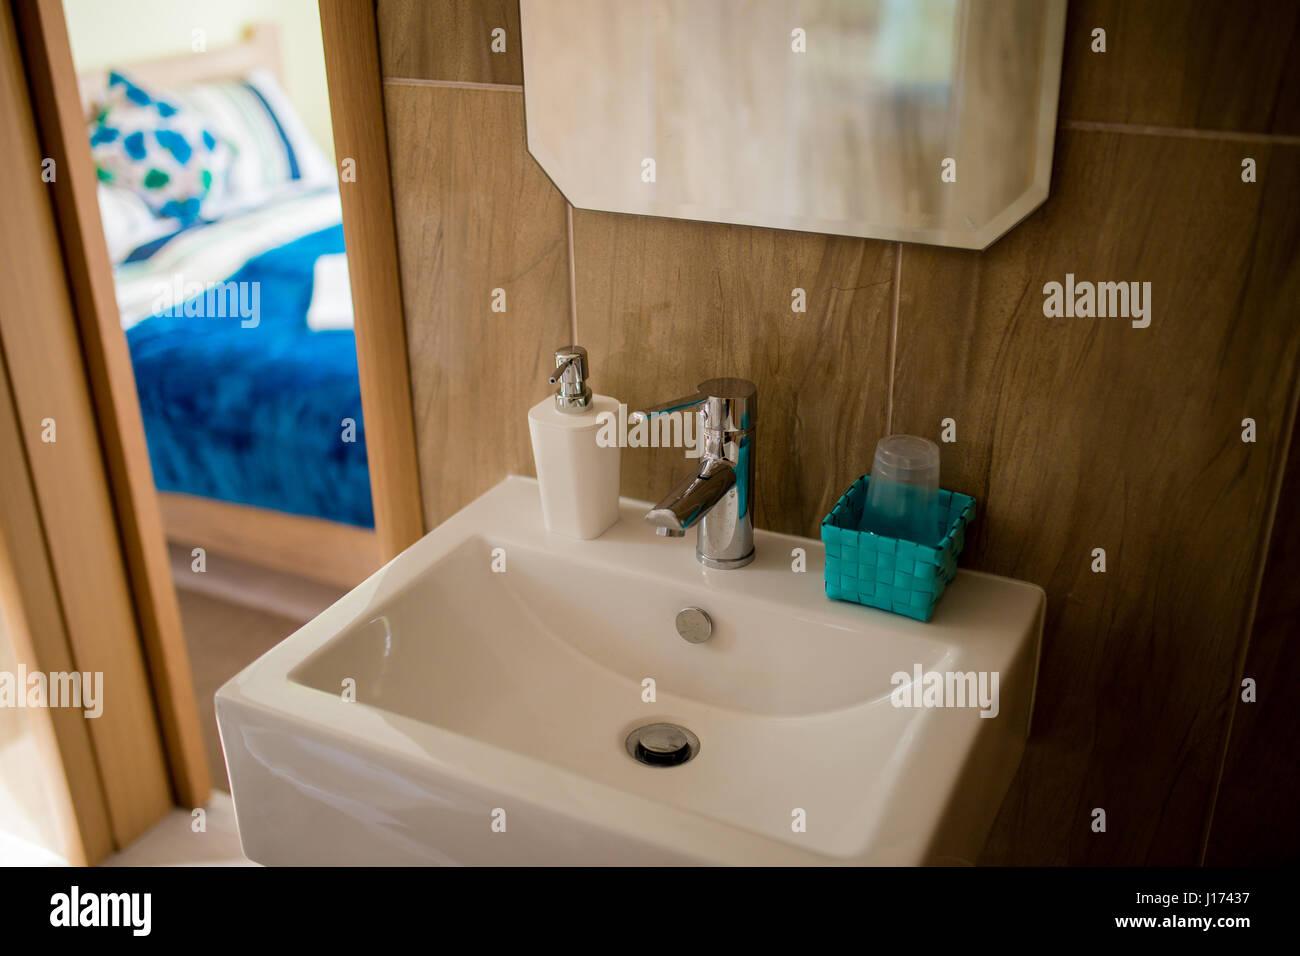 Bagno interno lavandino bidet wc specchio di grandi